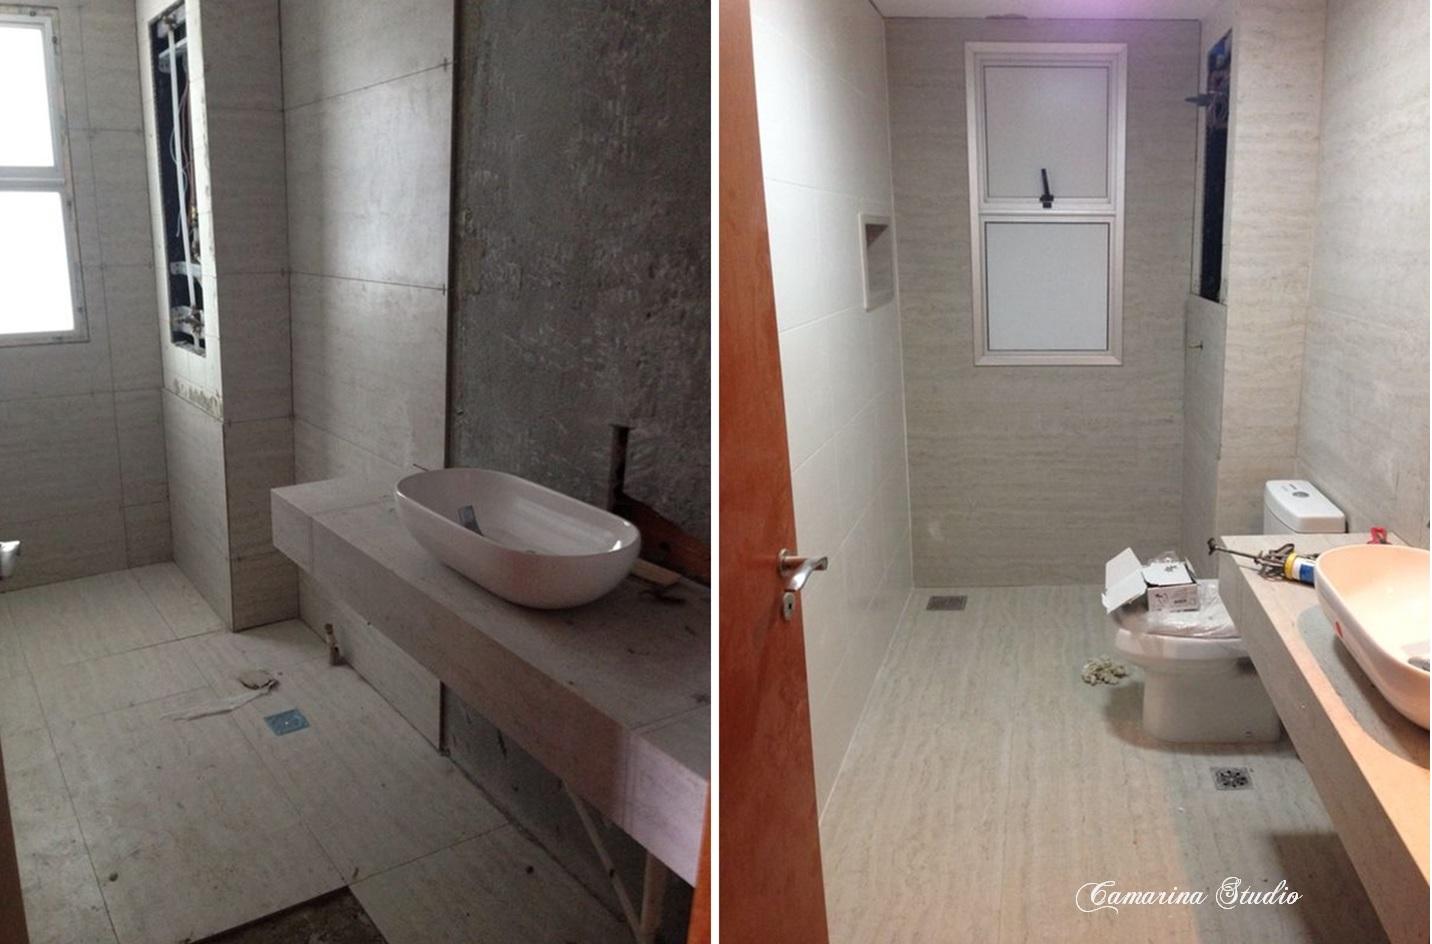 Camarina Studio Design de Interiores por Érica Marina Ribeirão  #684337 1432 944